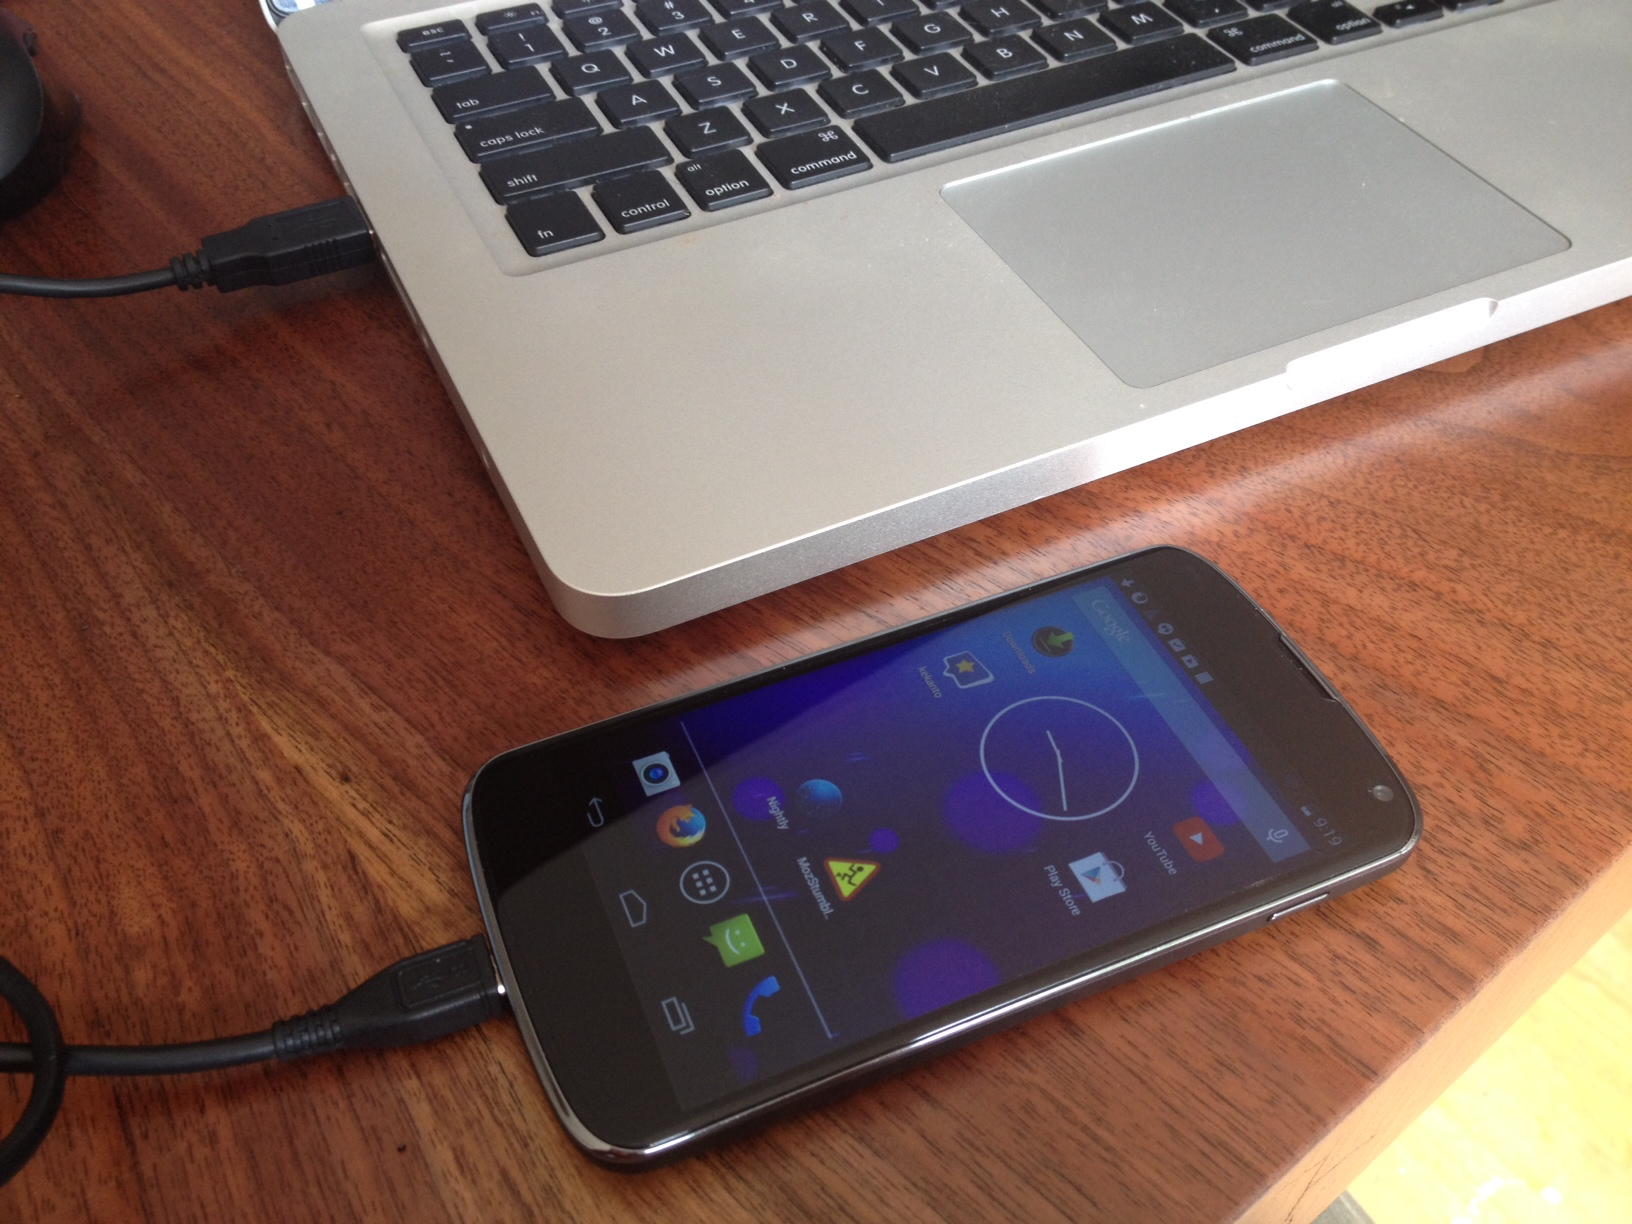 adb using USB